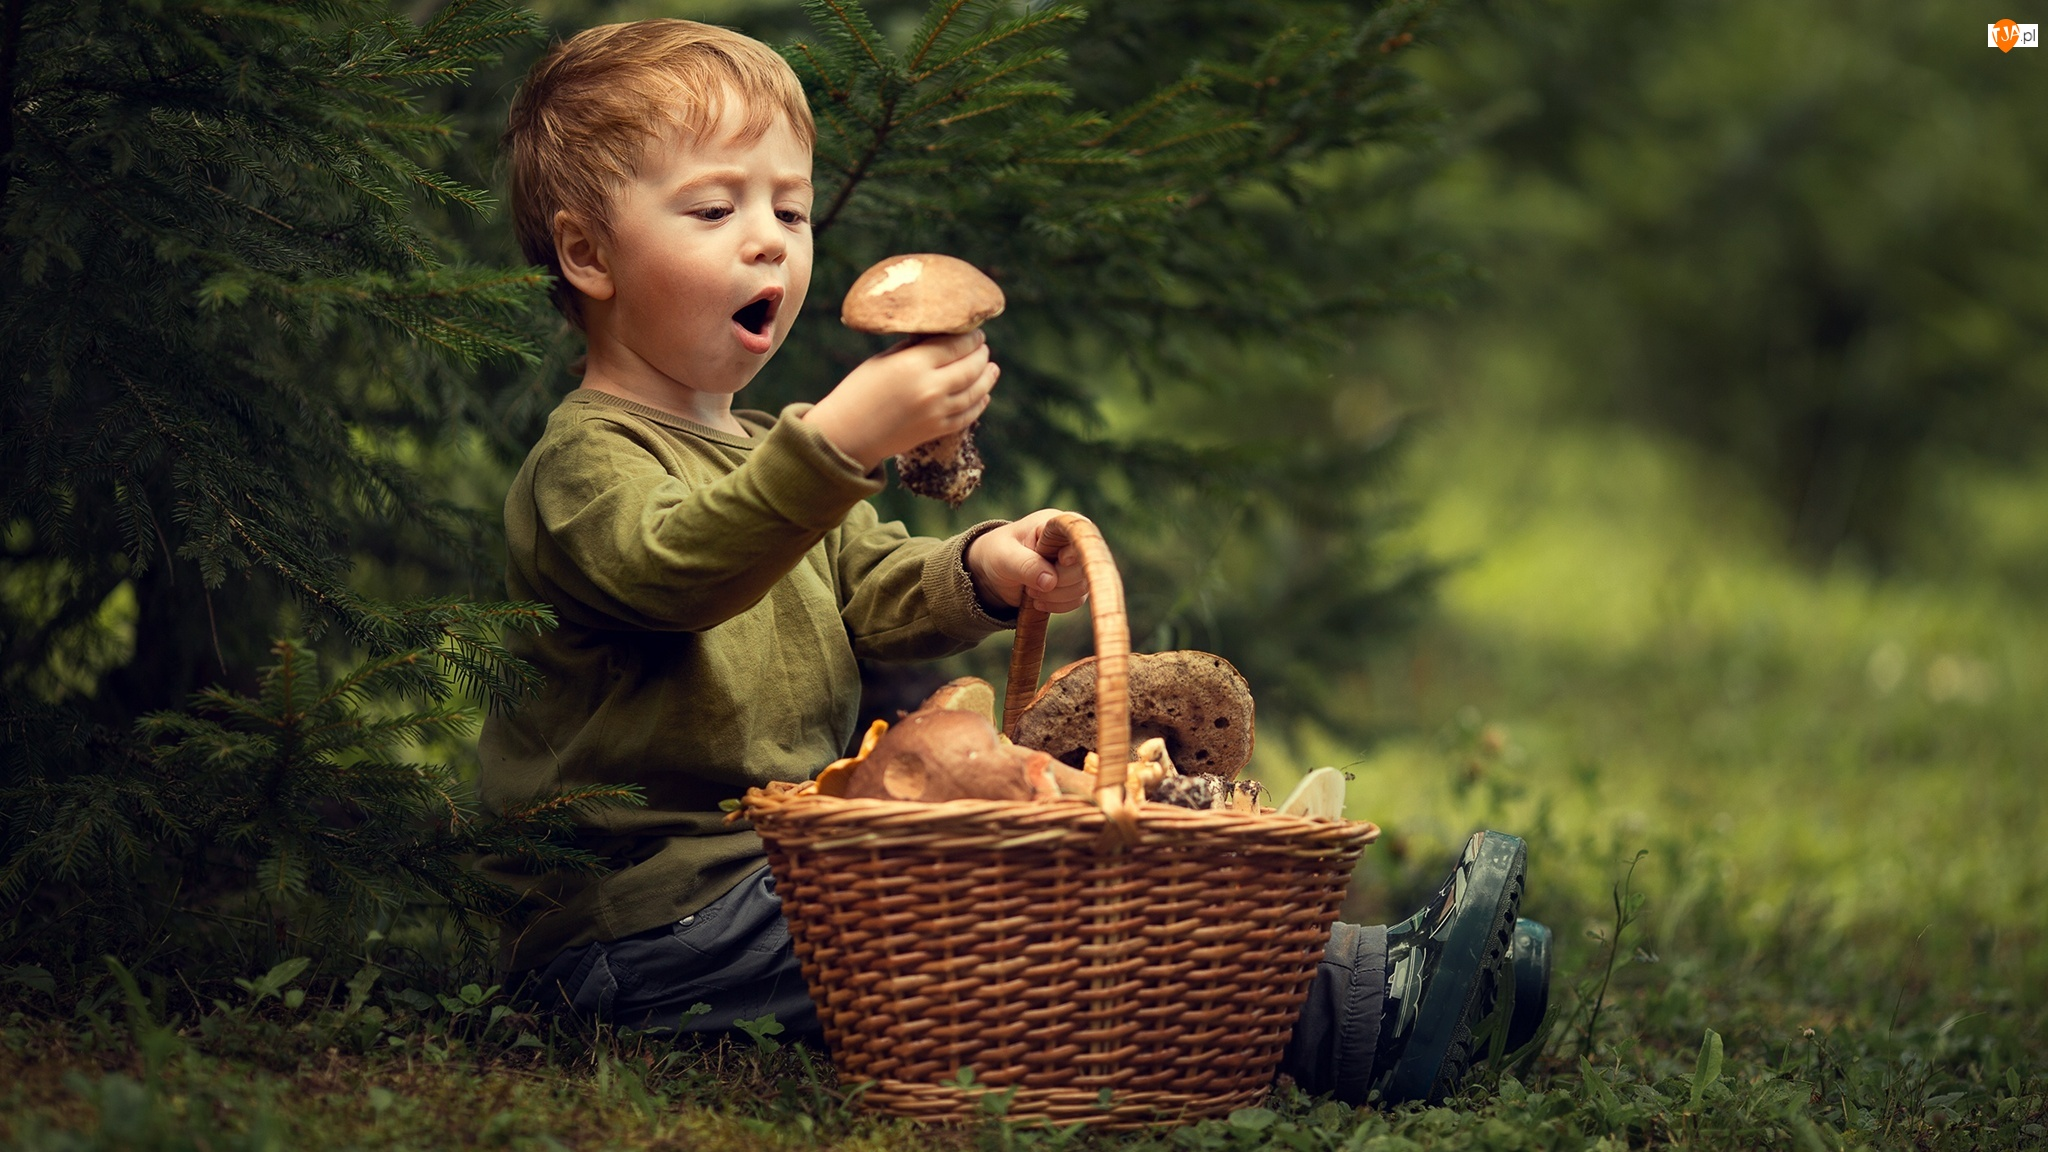 Chłopiec, Dziecko, Grzyby, Trawa, Koszyk, Drzewko